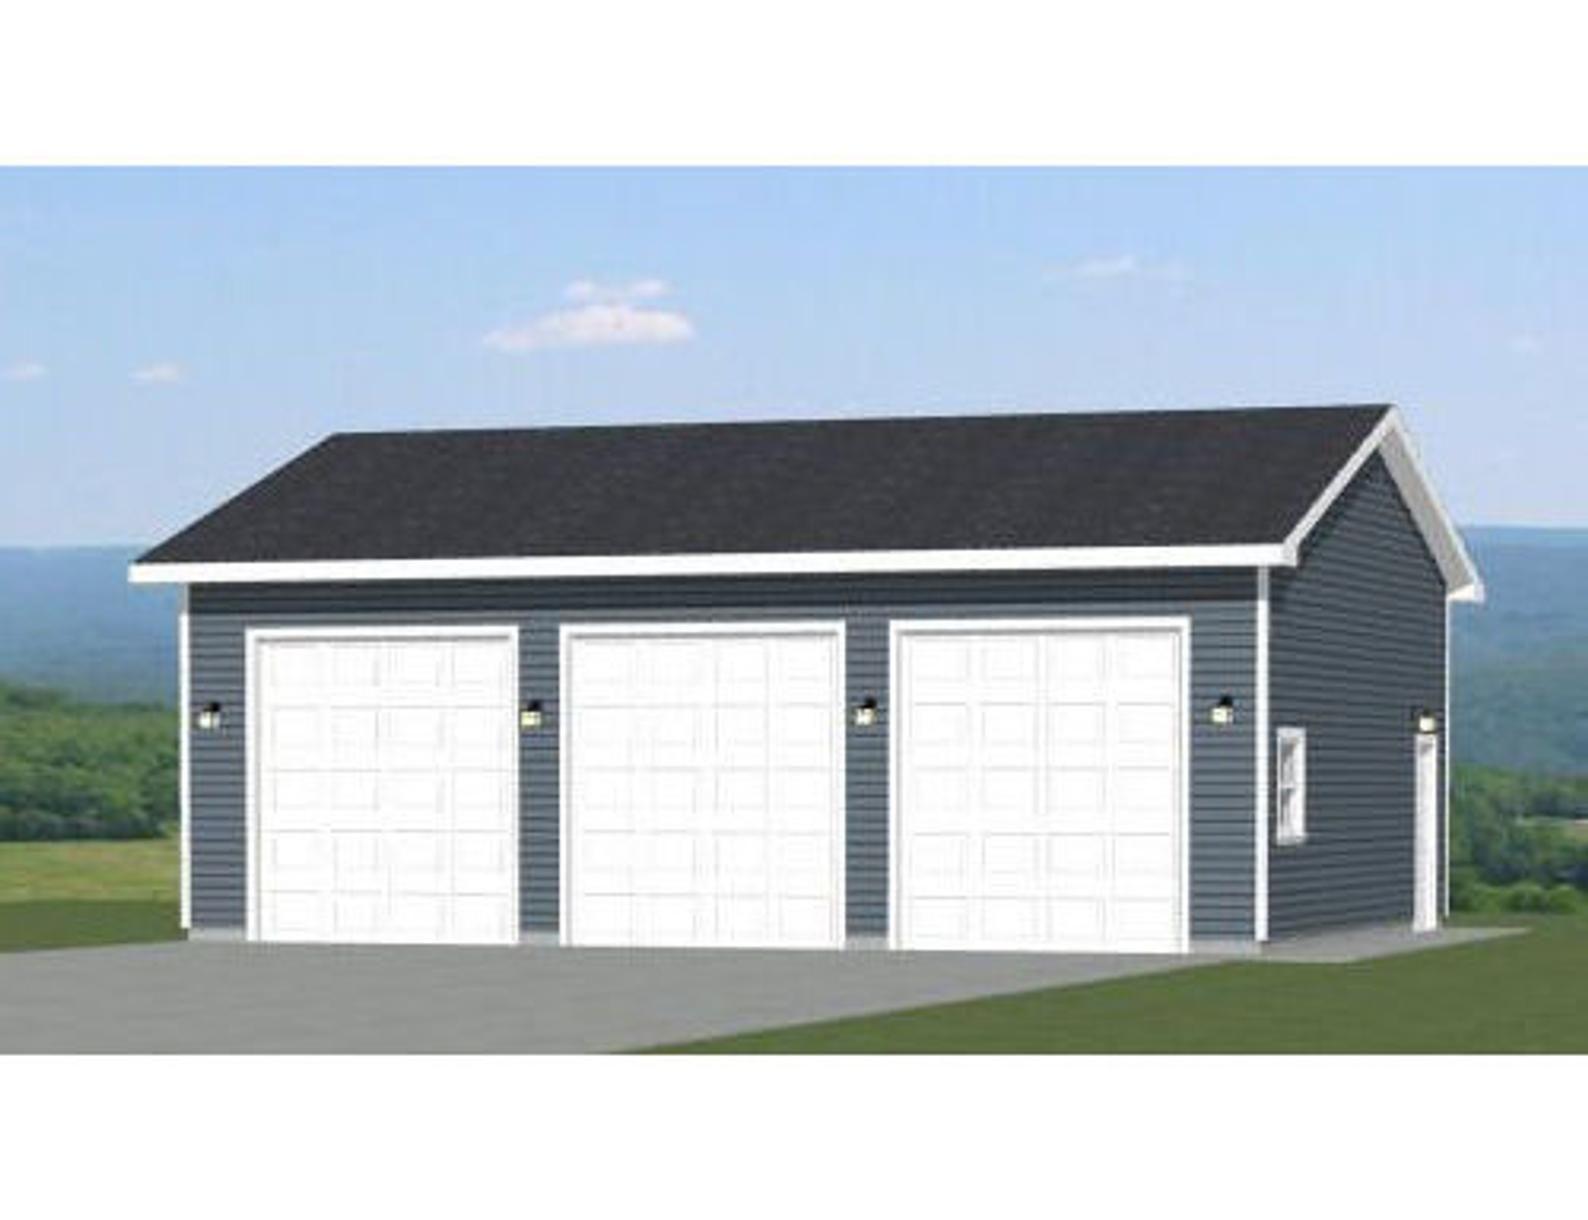 56x48 2RV Garage Duplex 2649 sq ft PDF Floor Plan Etsy